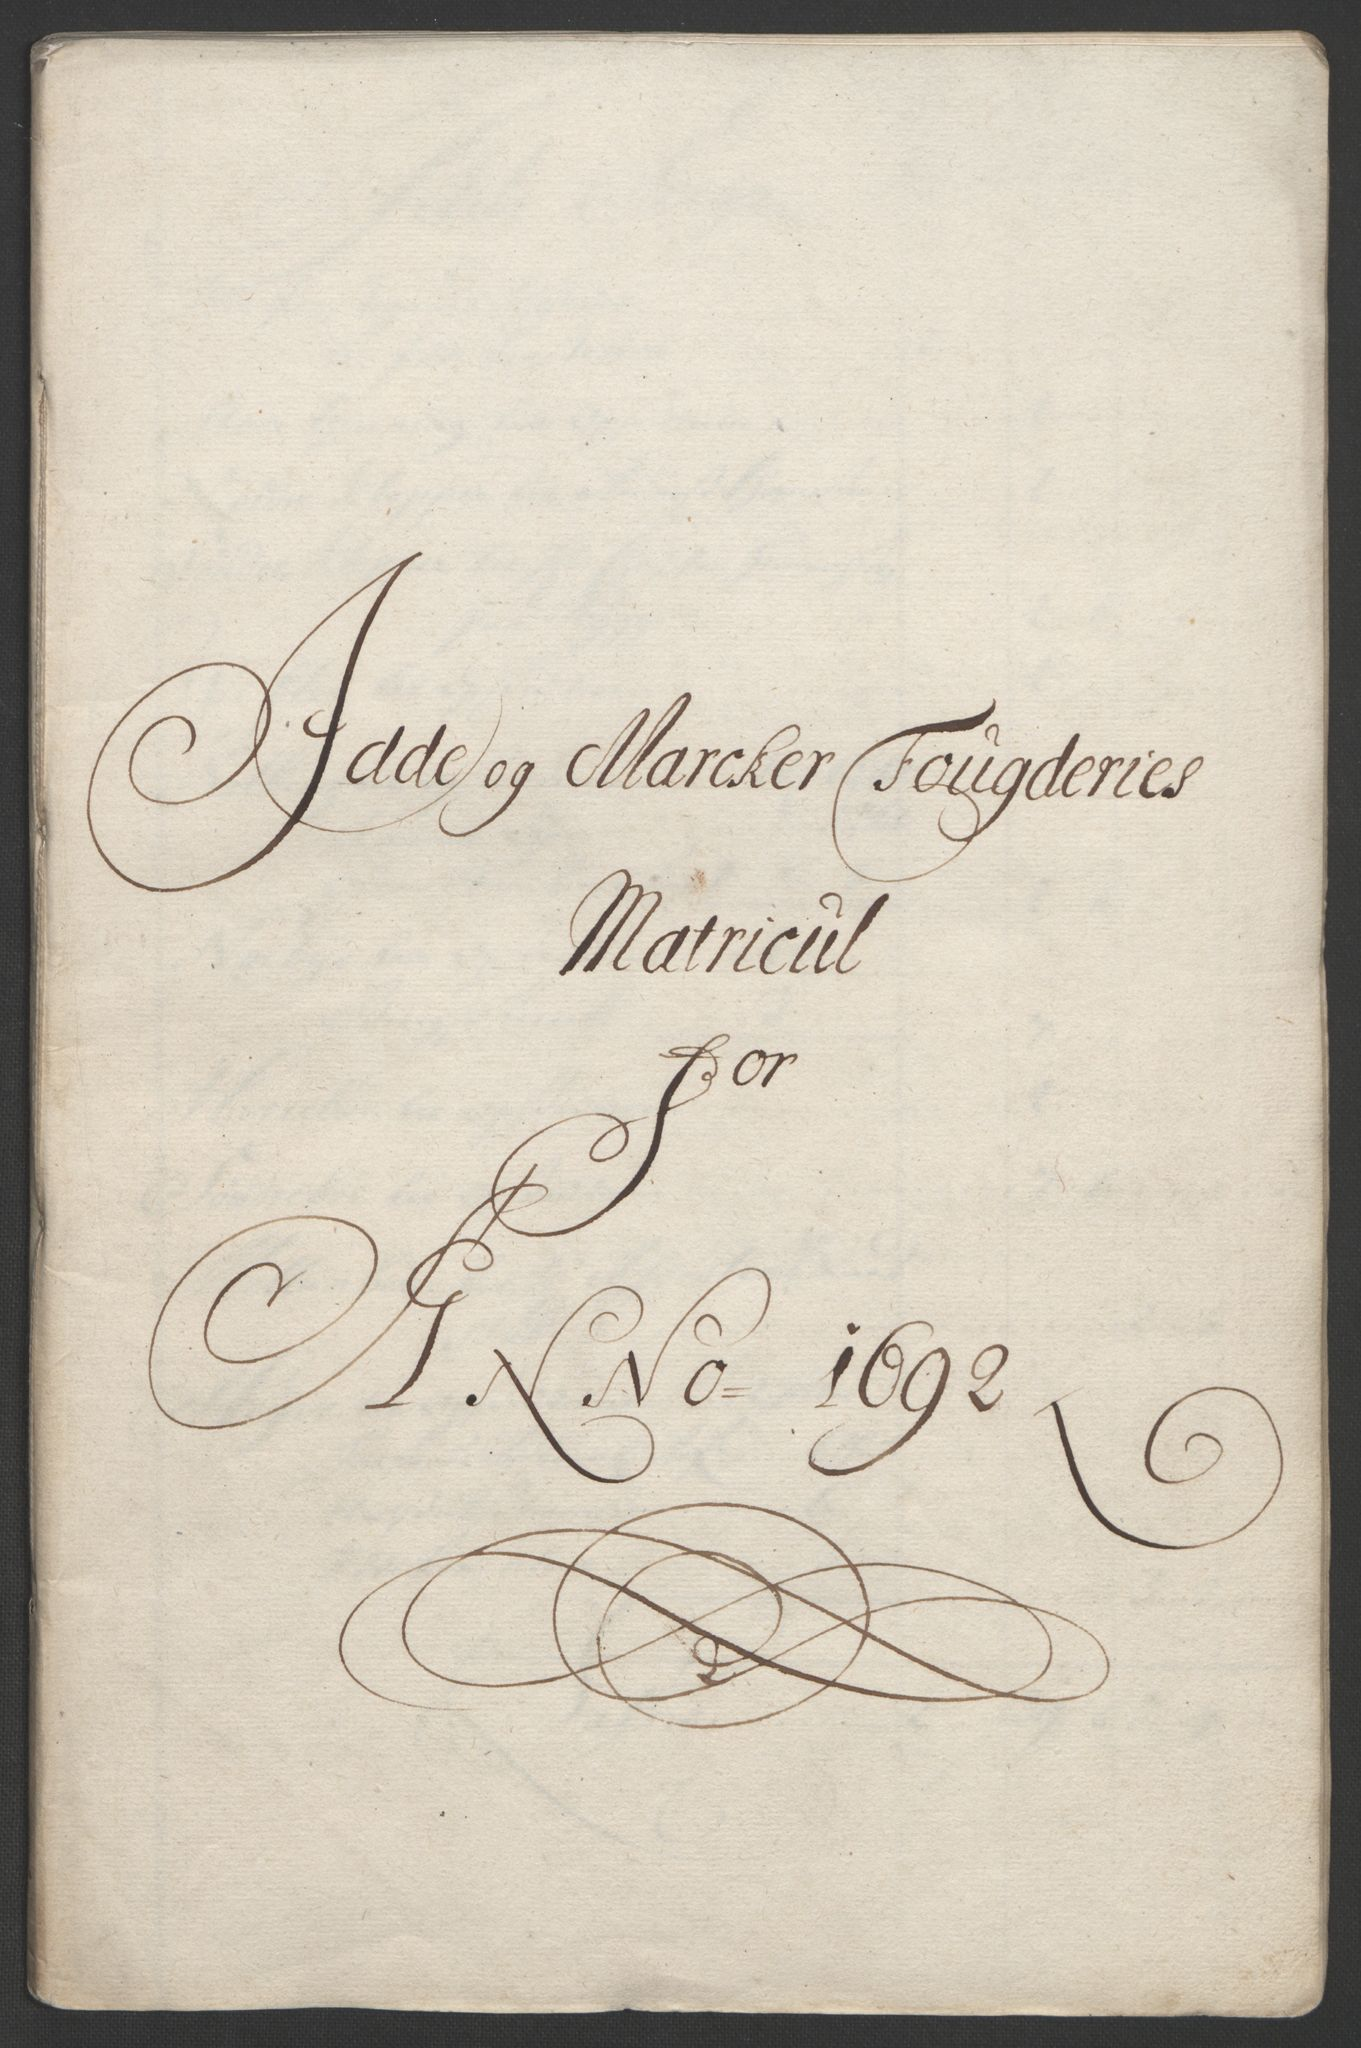 RA, Rentekammeret inntil 1814, Reviderte regnskaper, Fogderegnskap, R01/L0011: Fogderegnskap Idd og Marker, 1692-1693, s. 59